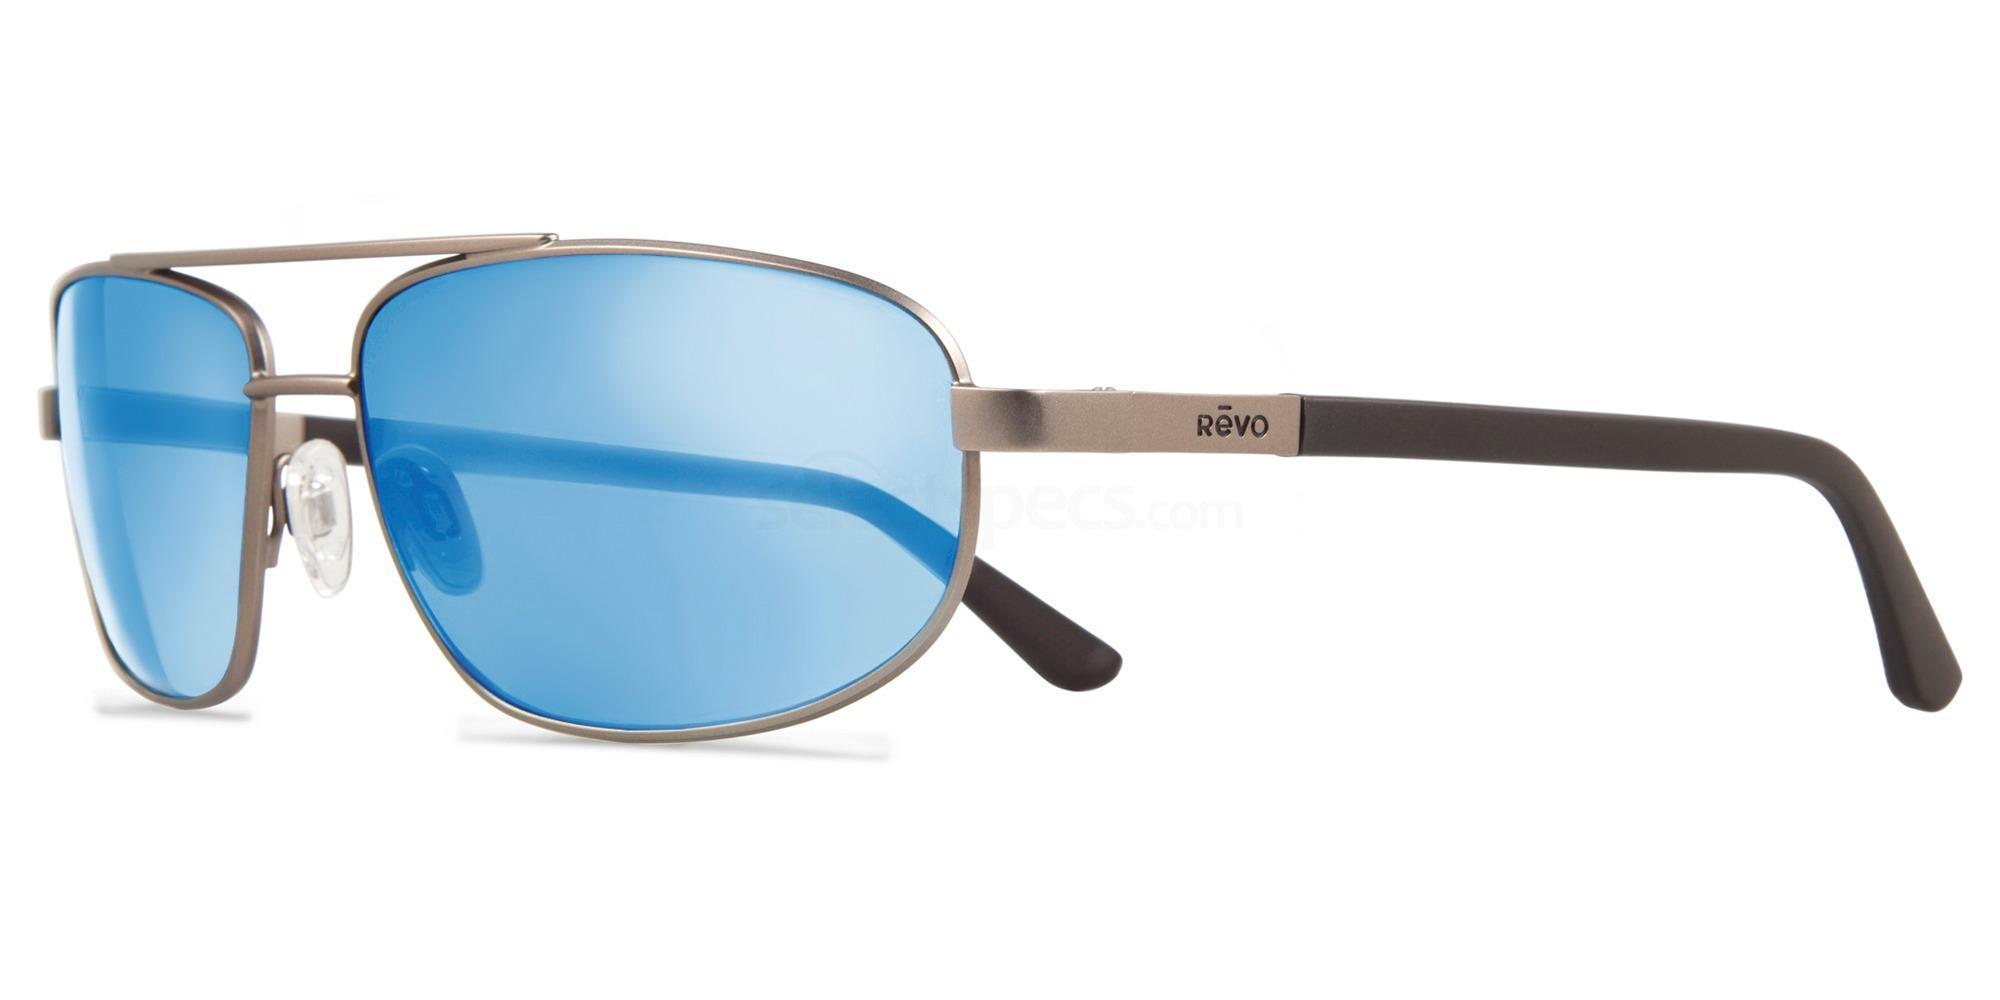 00BL Nash - 351013 Sunglasses, Revo